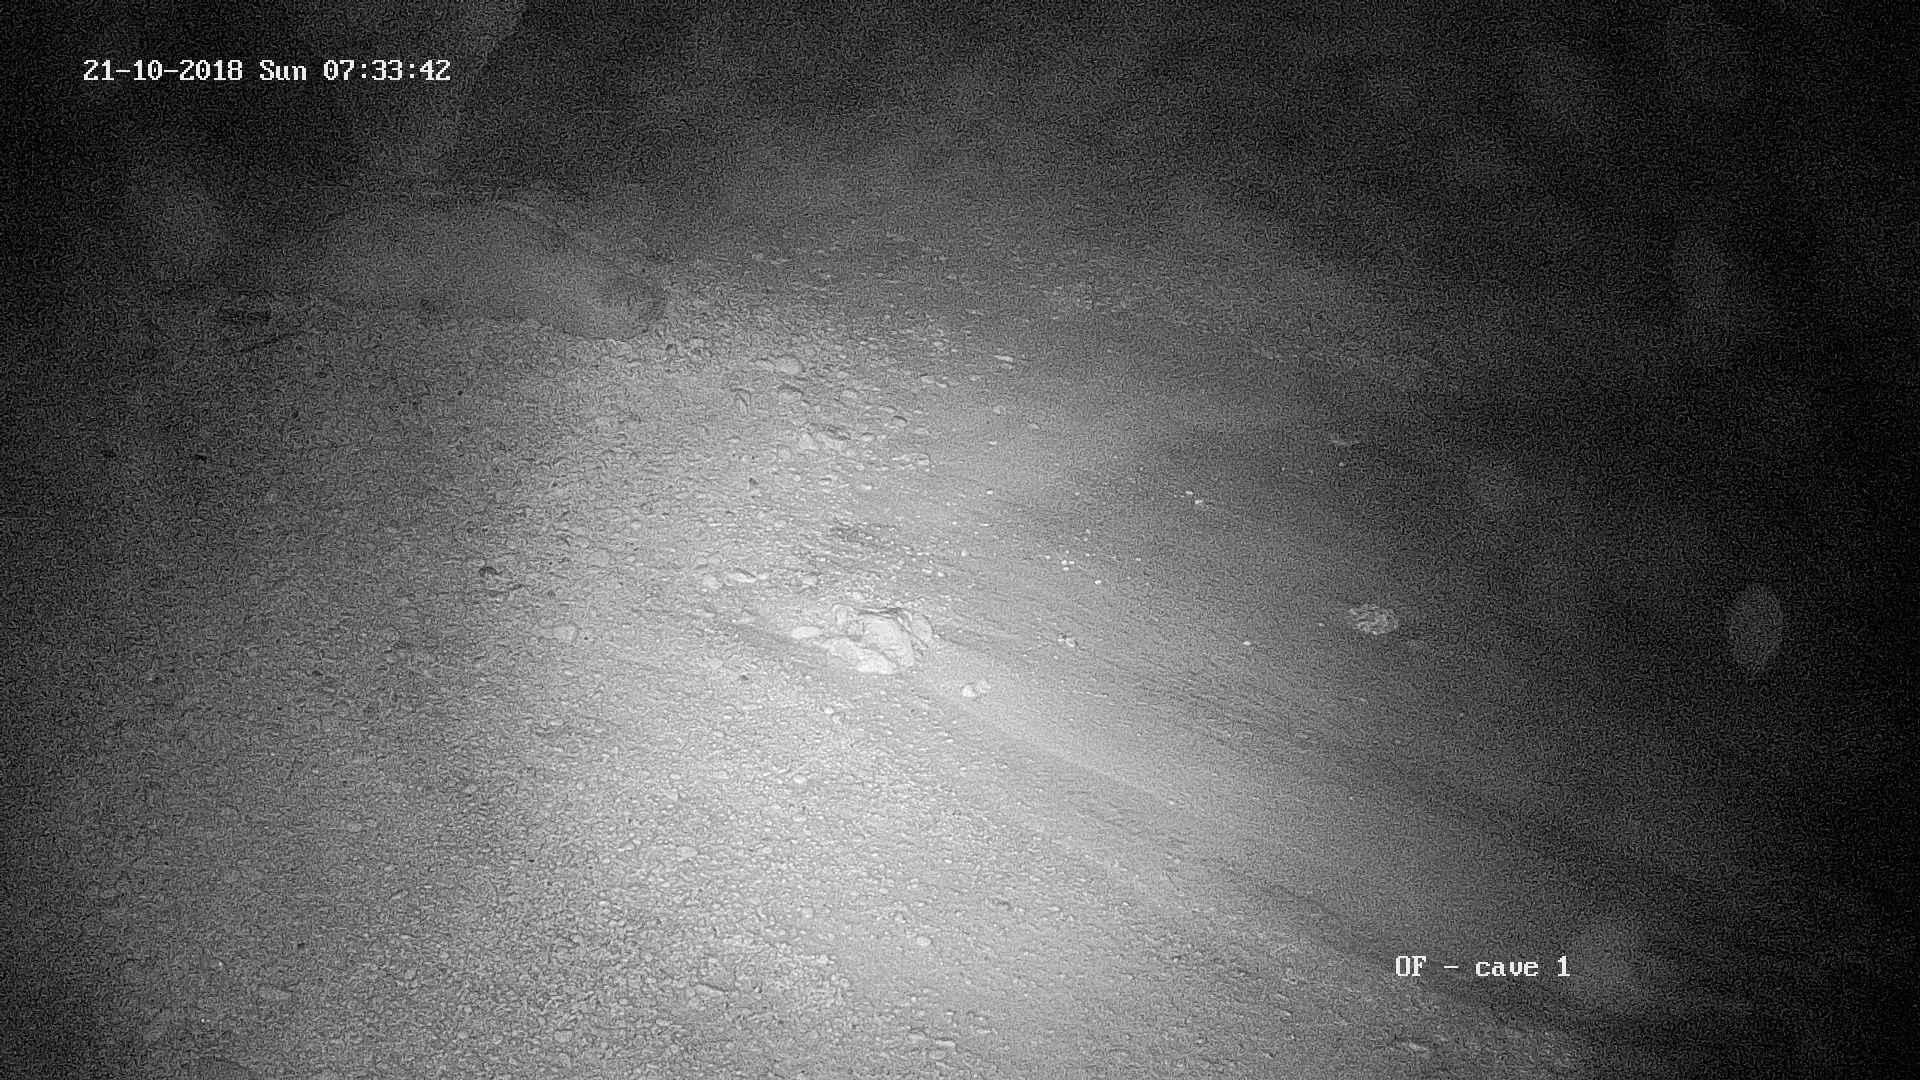 Lors d'une tempête avec des vents violents et une mer déchaînée, un phoque est venu se reposer dans la grotte du SET 1 © Octopus Foundation